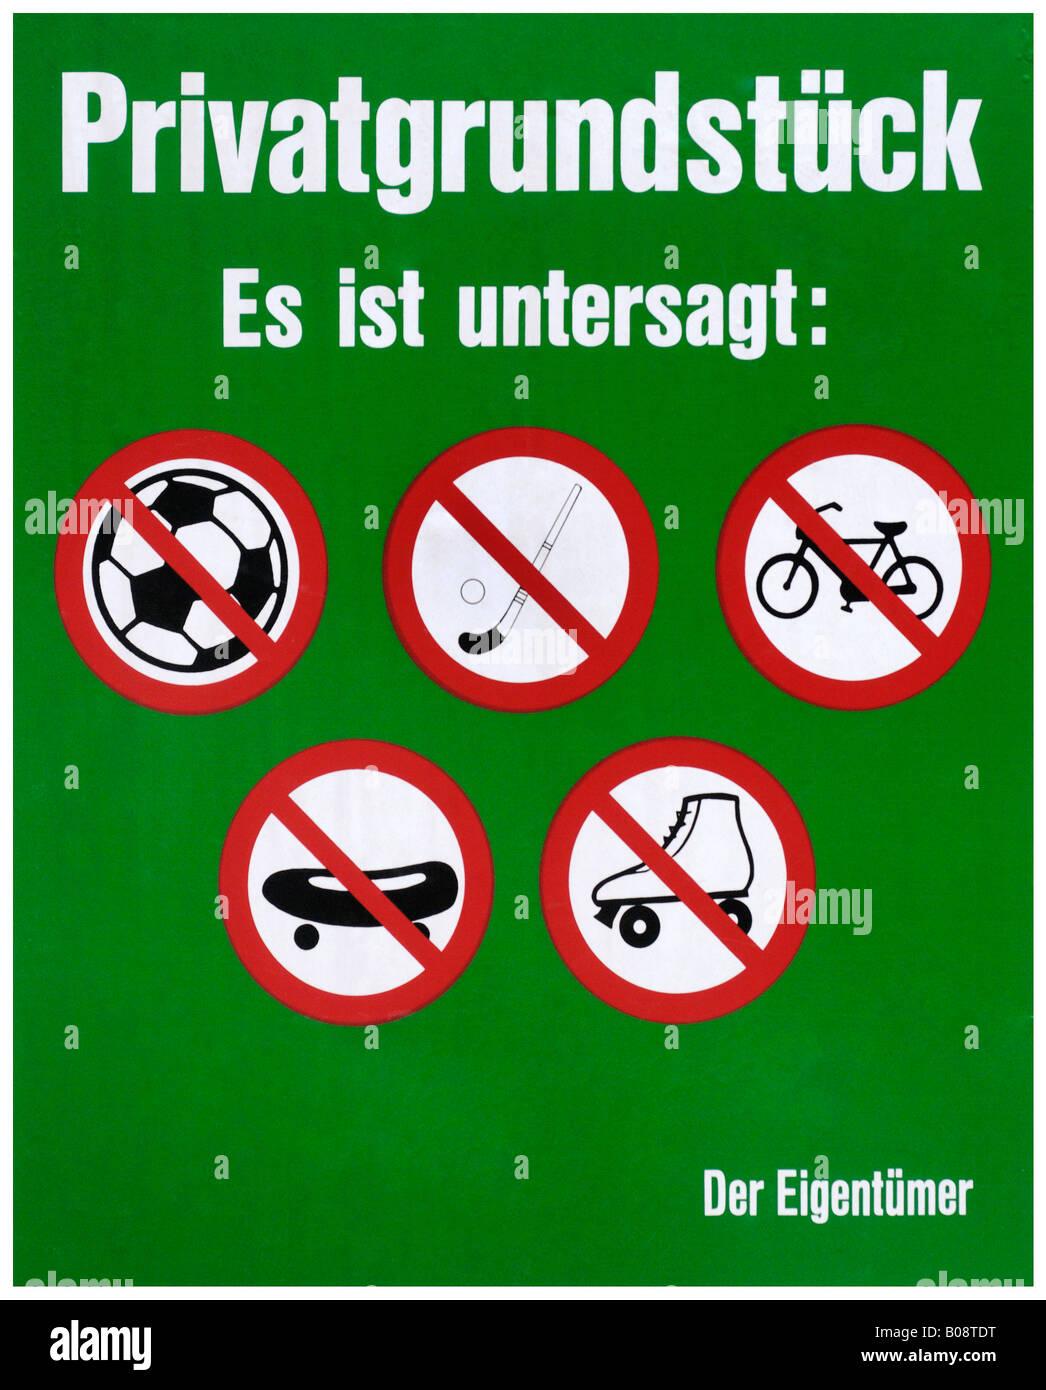 Proprietario il segno: giocare a calcio e hockey su ghiaccio, in sella a una moto, skateboard e rollerskating vietata Immagini Stock